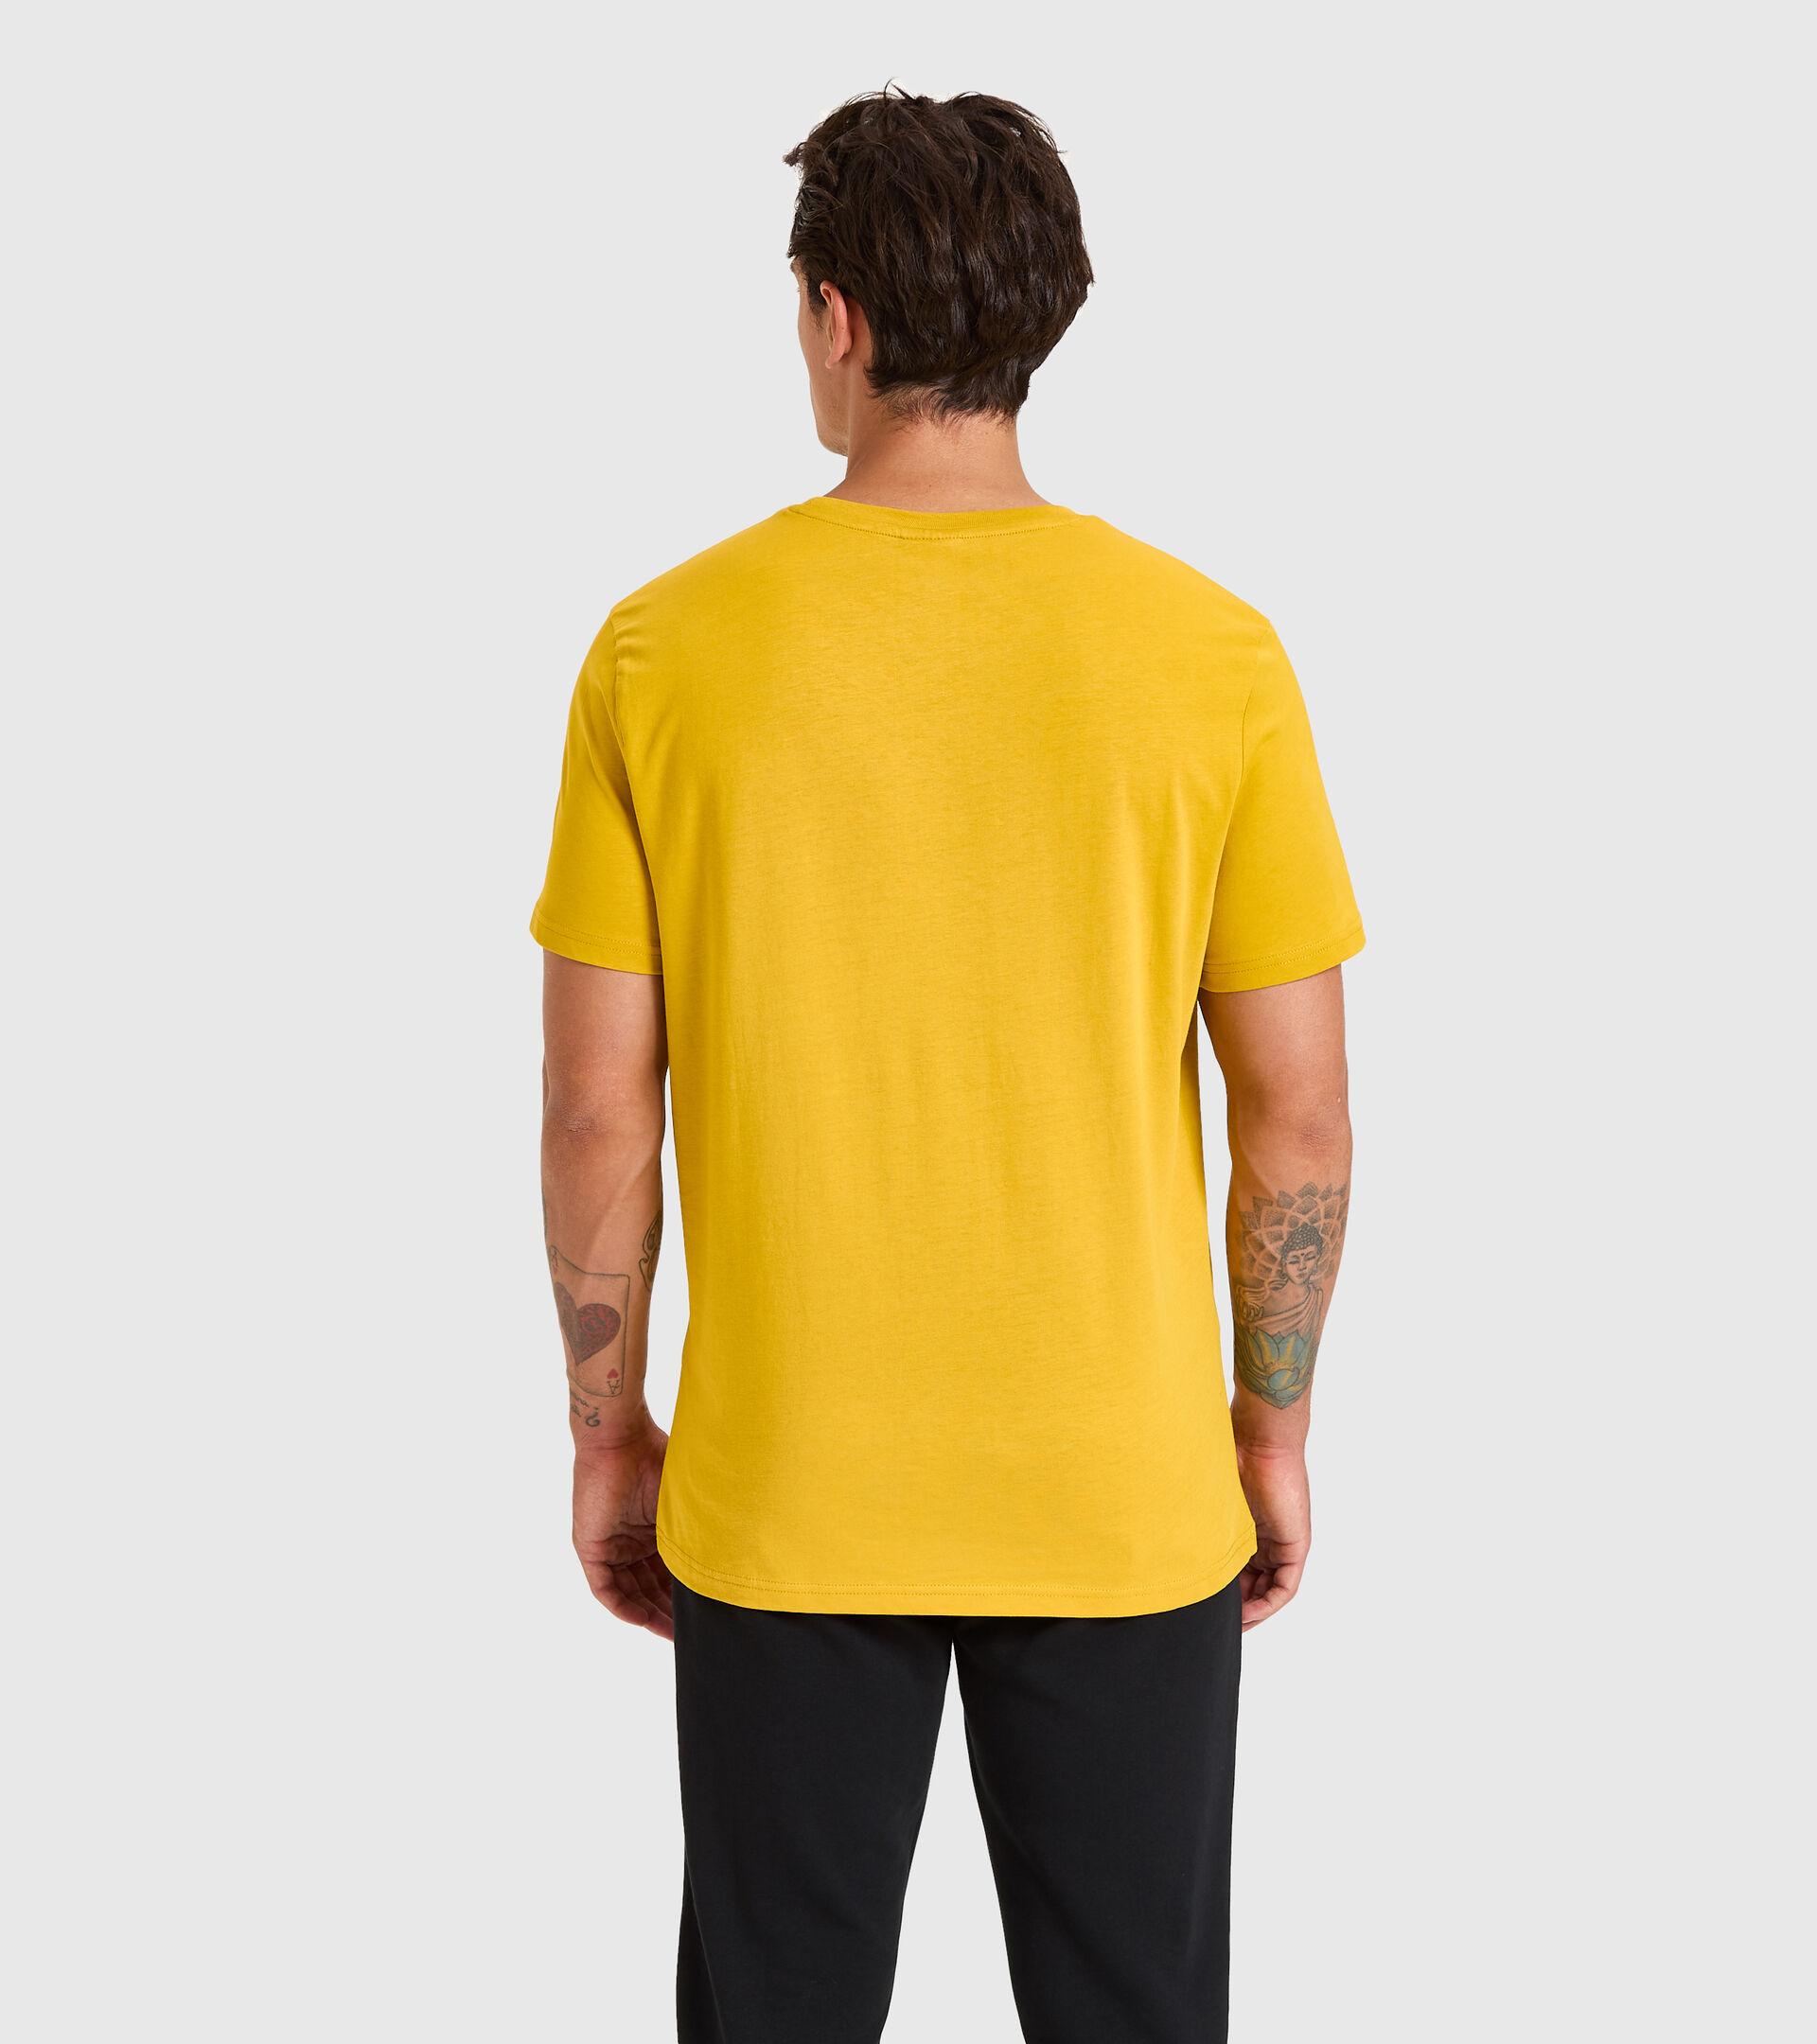 Camiseta - Hombre T-SHIRT SS CHROMIA OLIVO LEONADO - Diadora